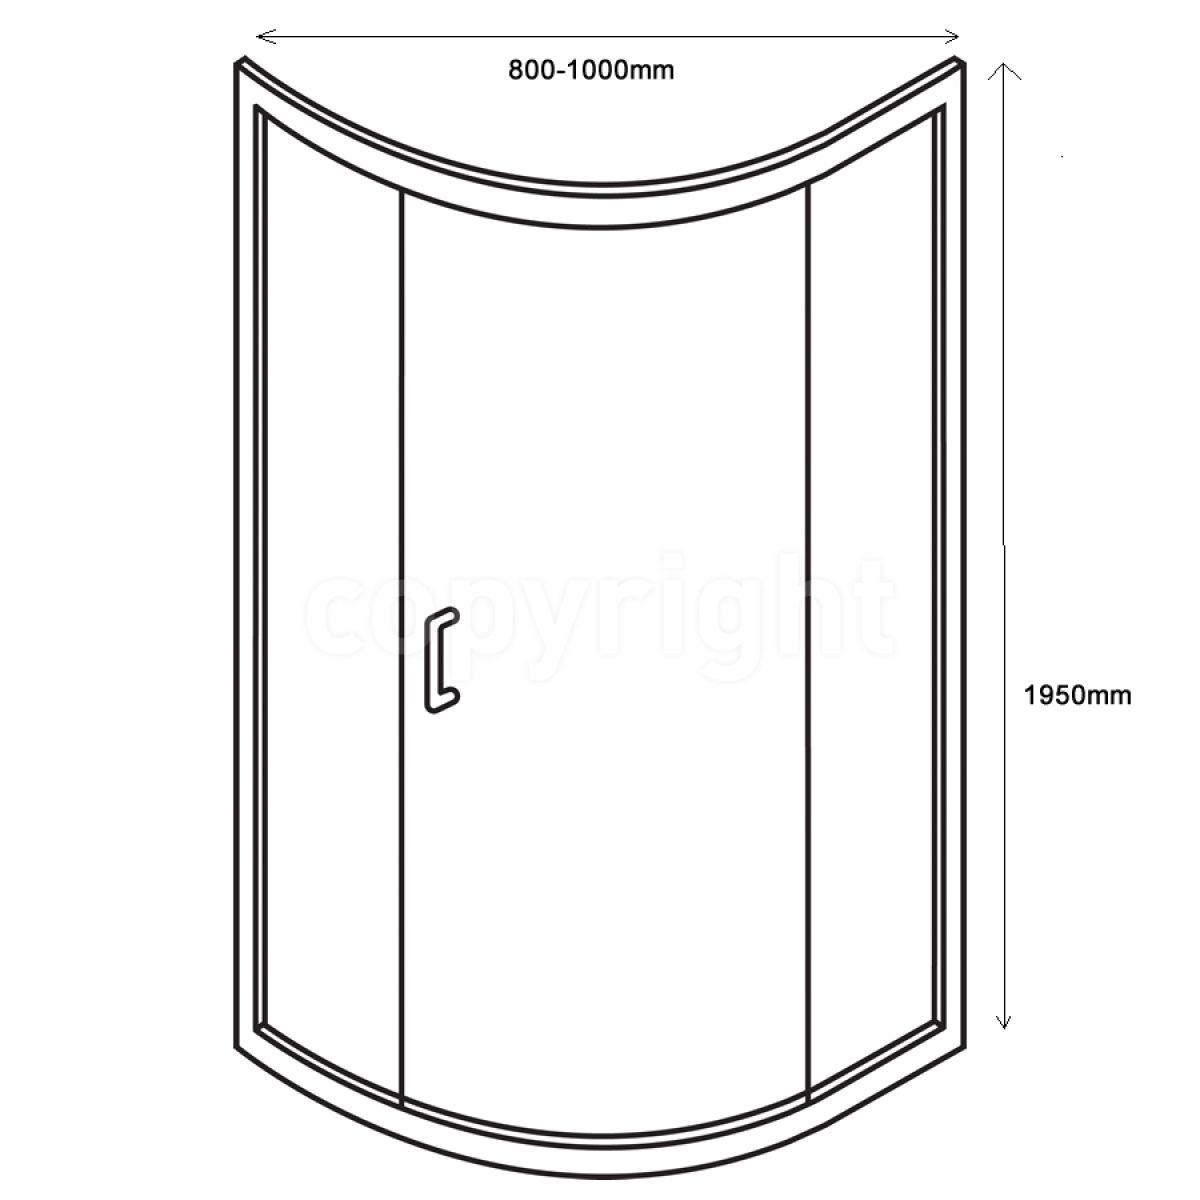 Simpsons Elite Quadrant Double Door Shower Enclosure Uk